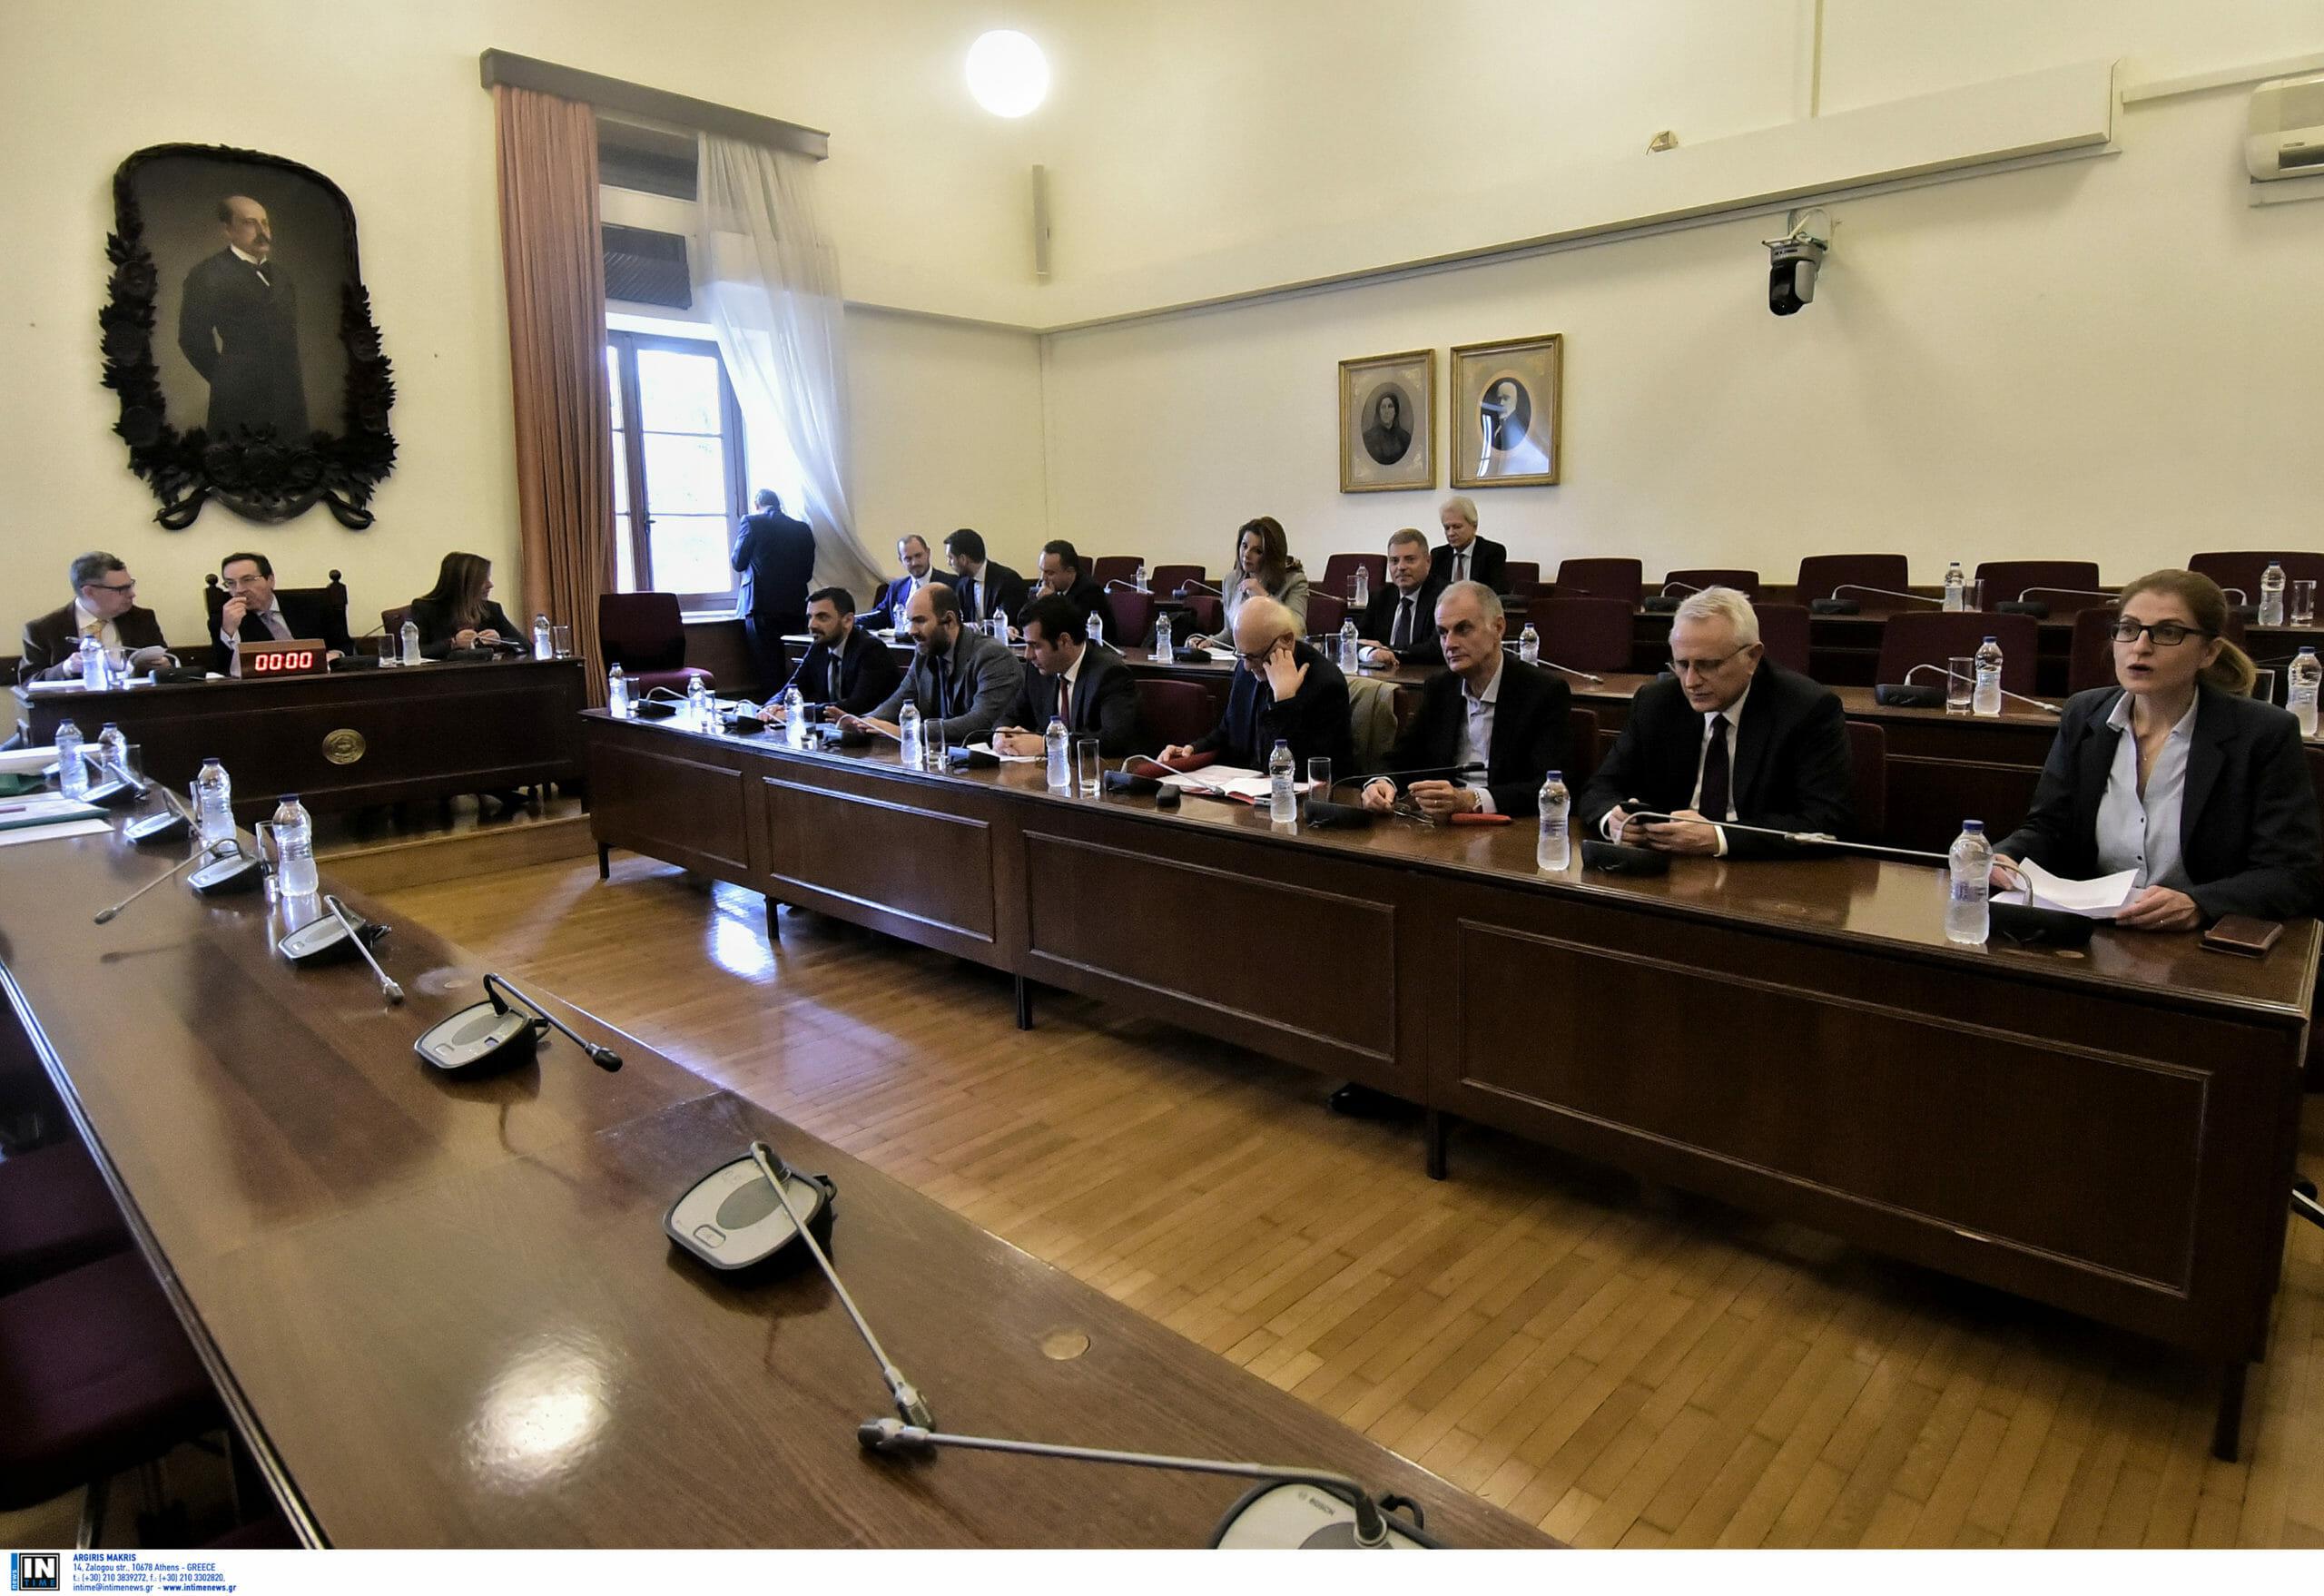 """Προανακριτική: Με """"κουκούλες"""" η εξέταση των προστατευόμενων μαρτύρων προτείνει με επιστολή η Τουλουπάκη"""